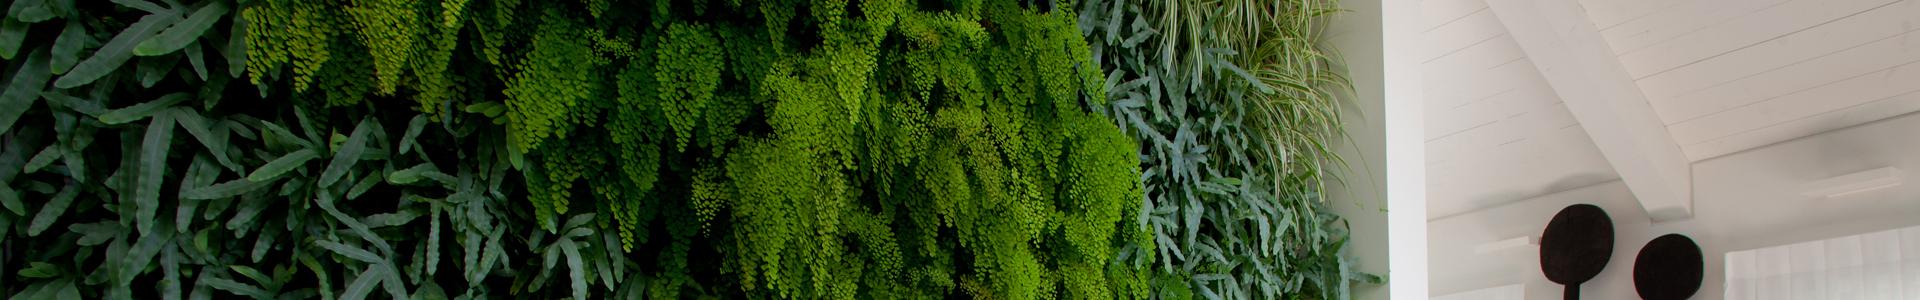 קירות ירוקים סוקולנטים